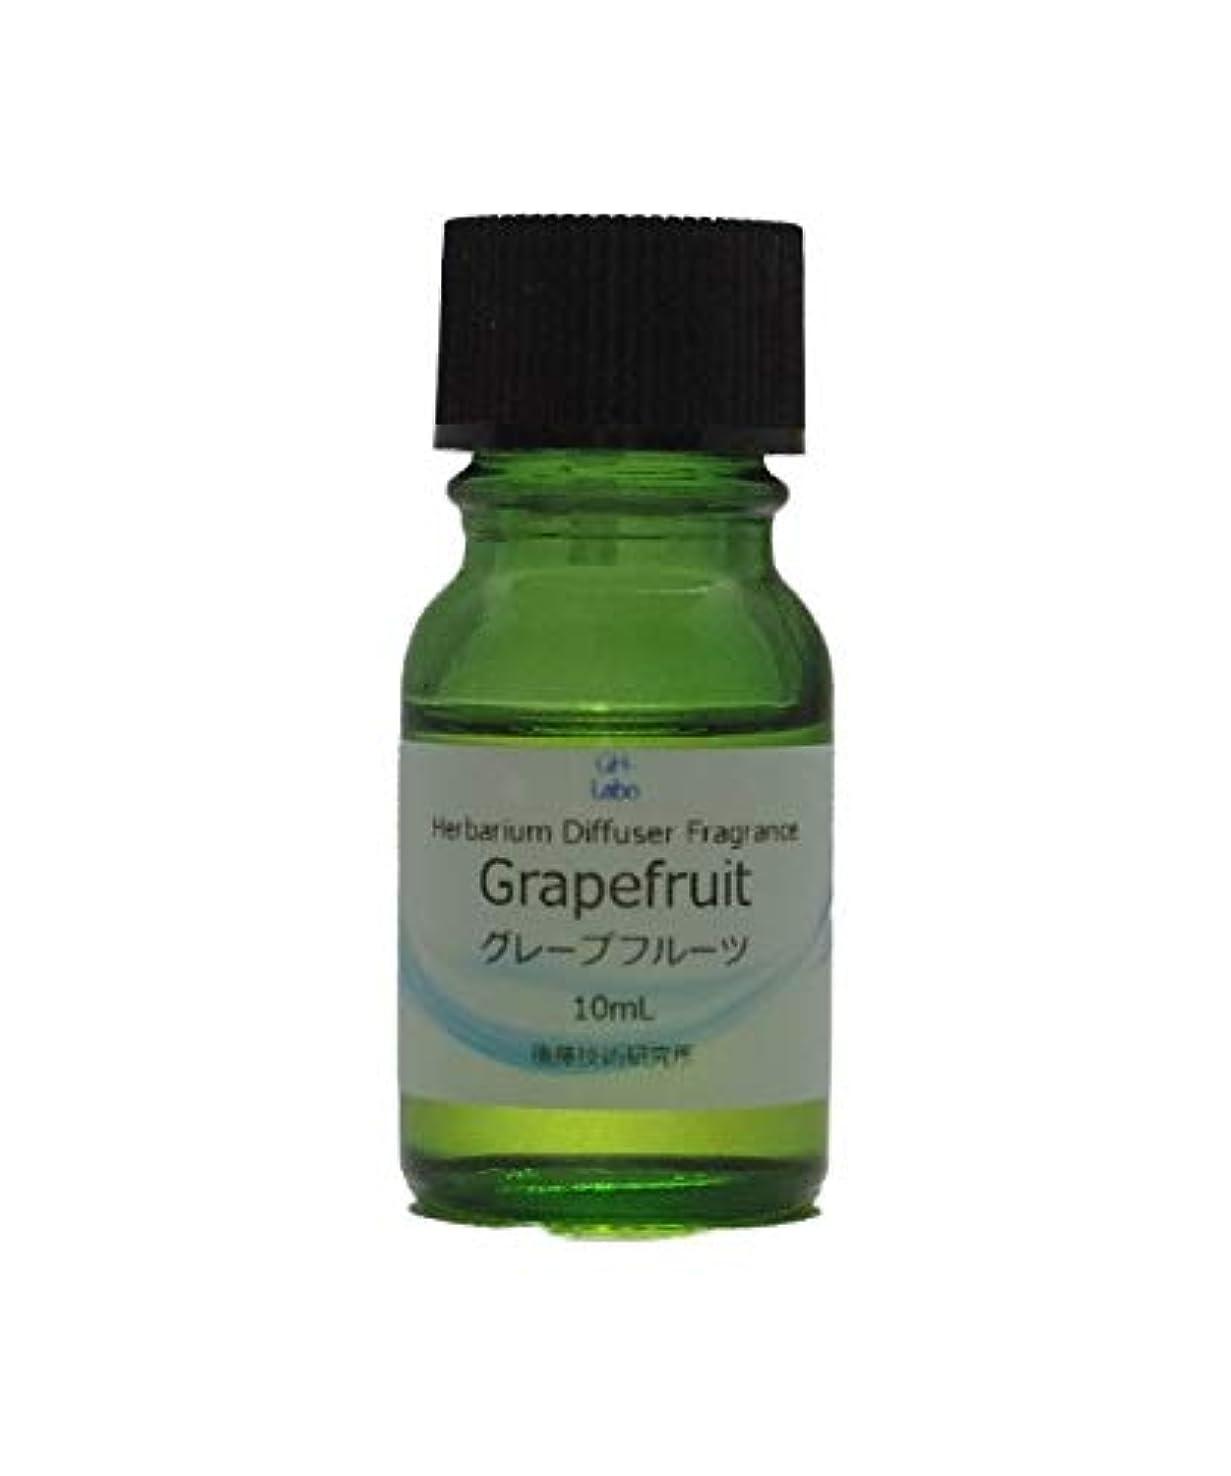 感じる教室障害グレープフルーツ フレグランス 香料 ディフューザー ハーバリウム アロマオイル 手作り 化粧品